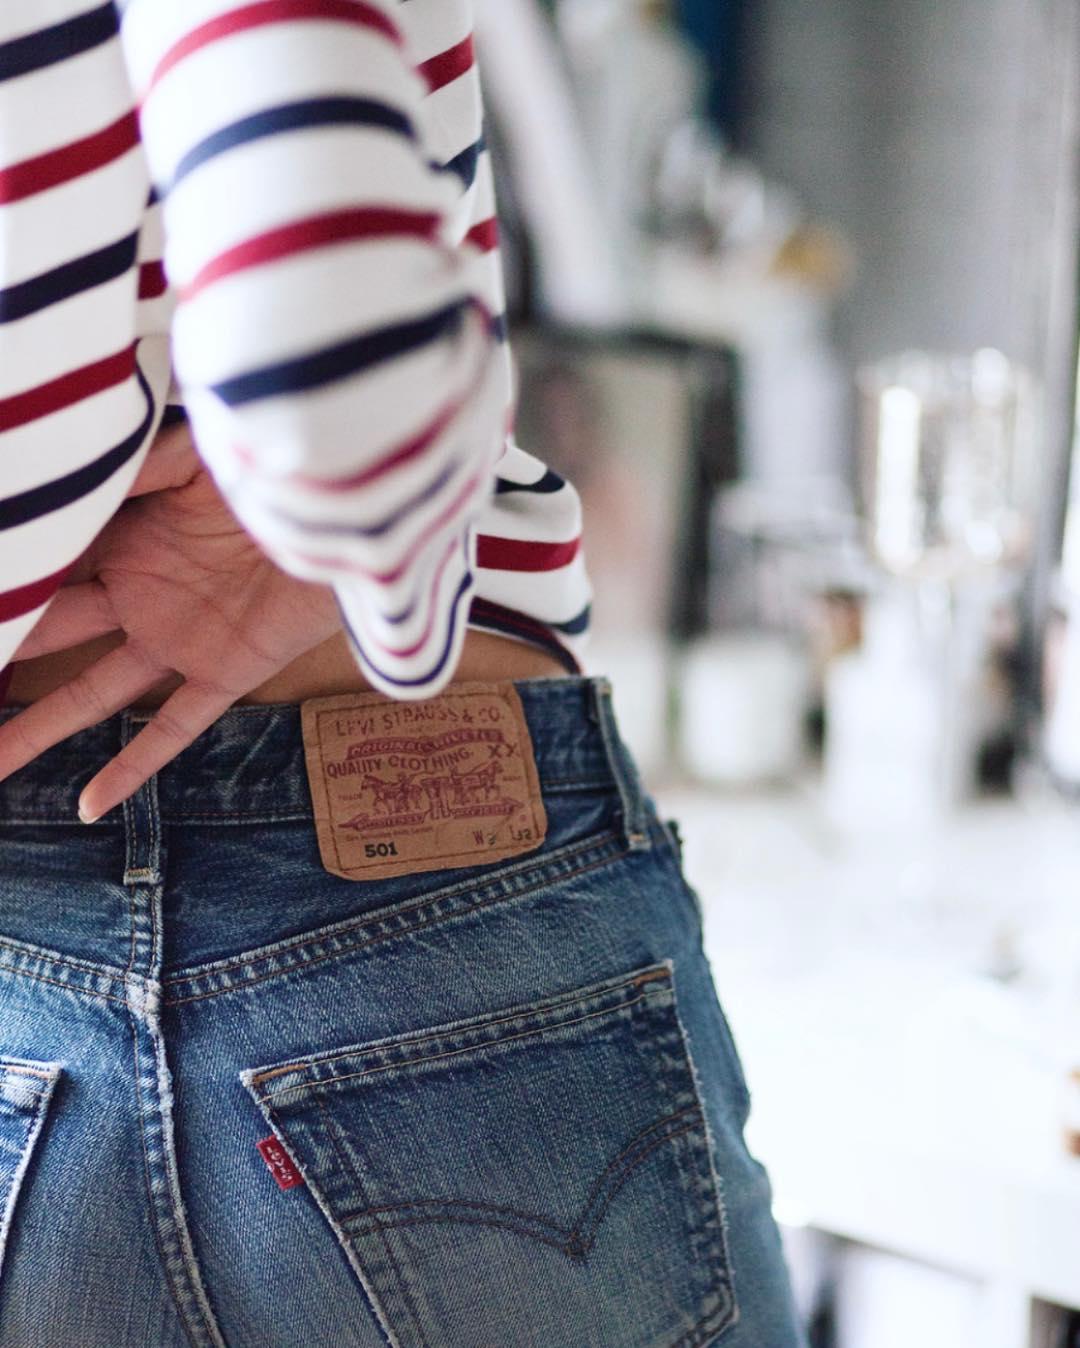 Футболка, джинсы, cocktail ring - 15 образов от парижского блогера Les babioles de Zoe